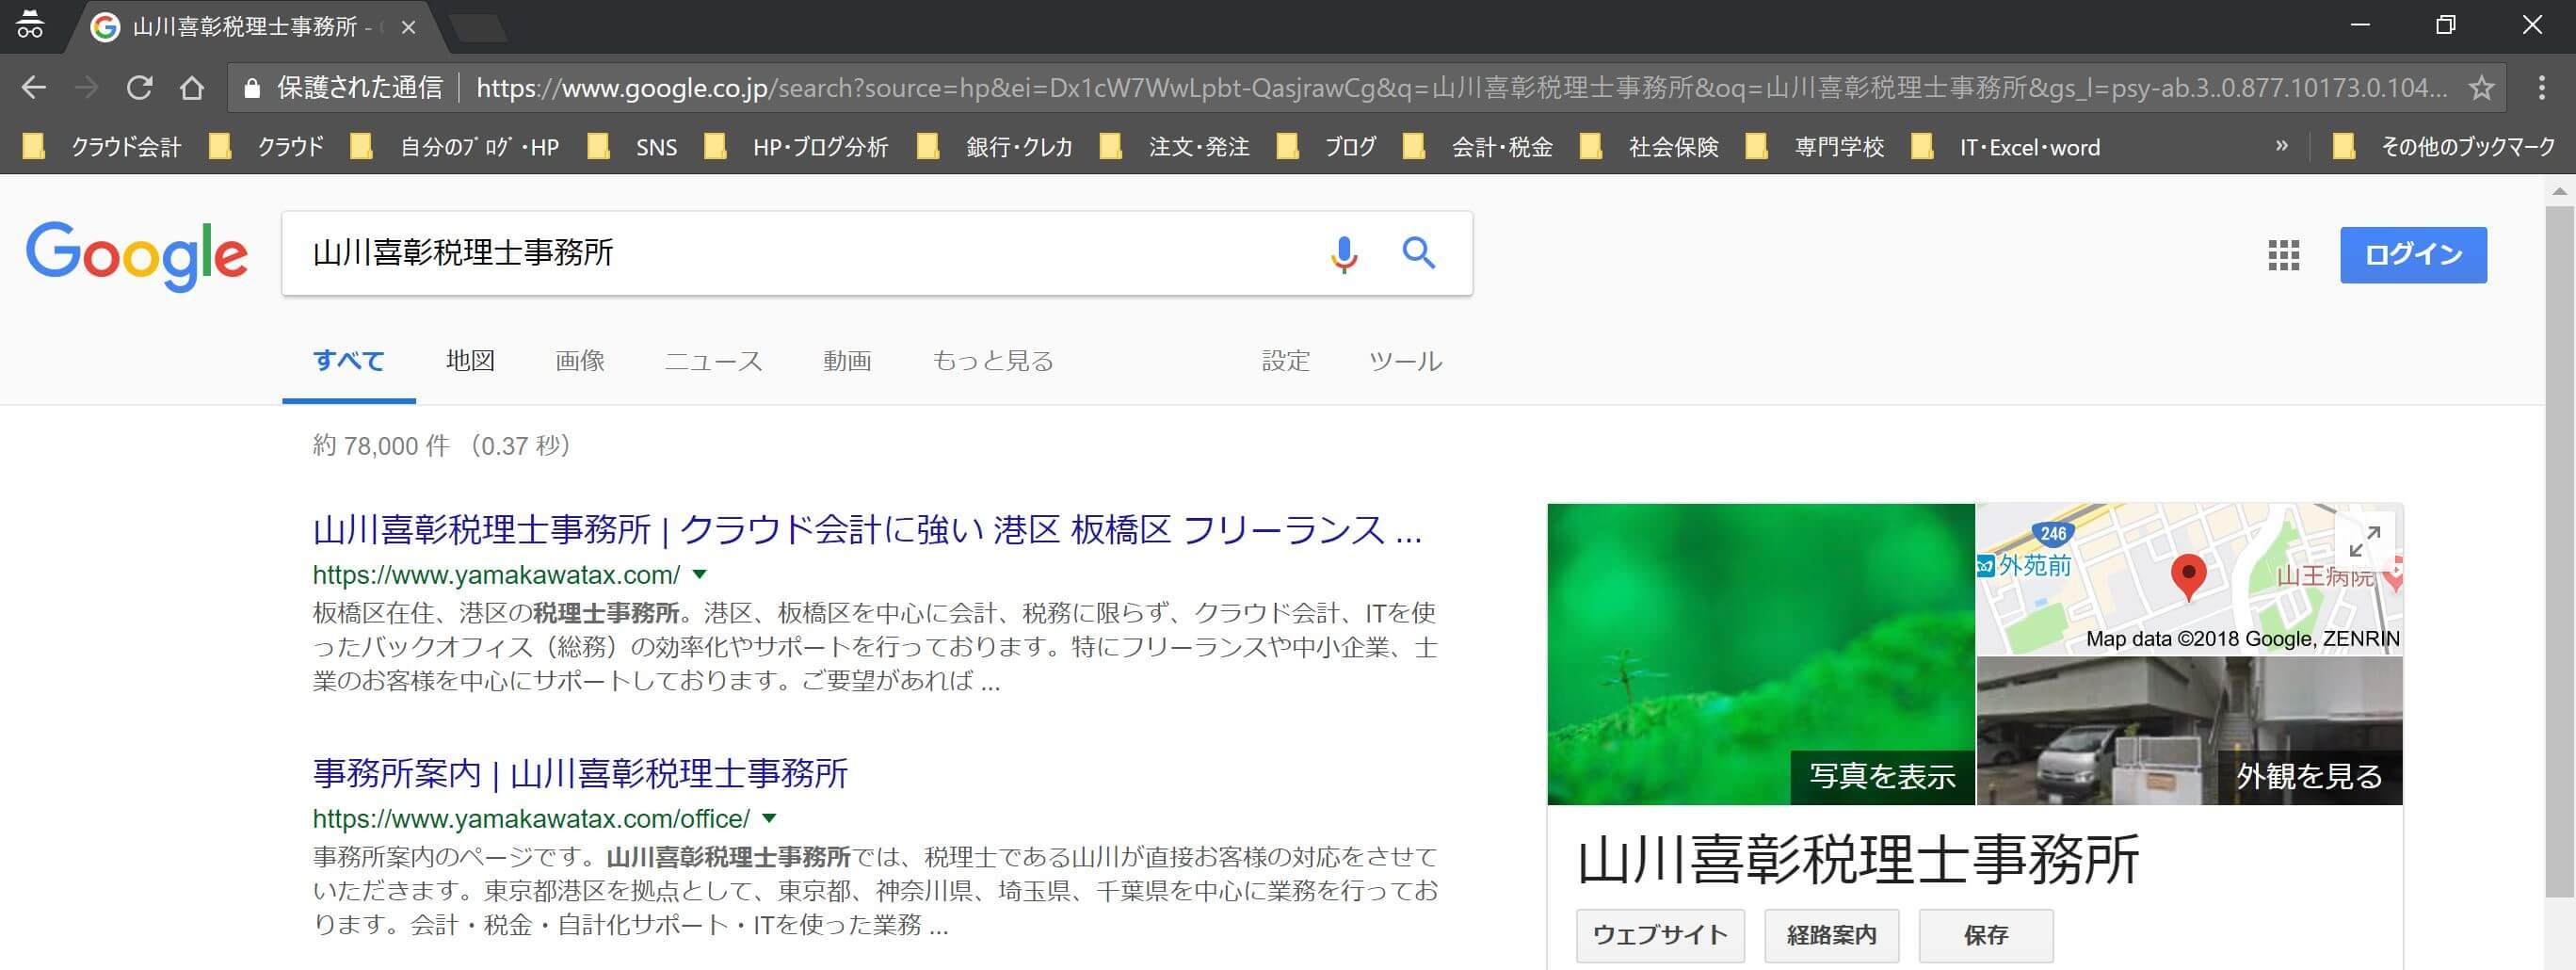 シークレットウィンドウ検索画面